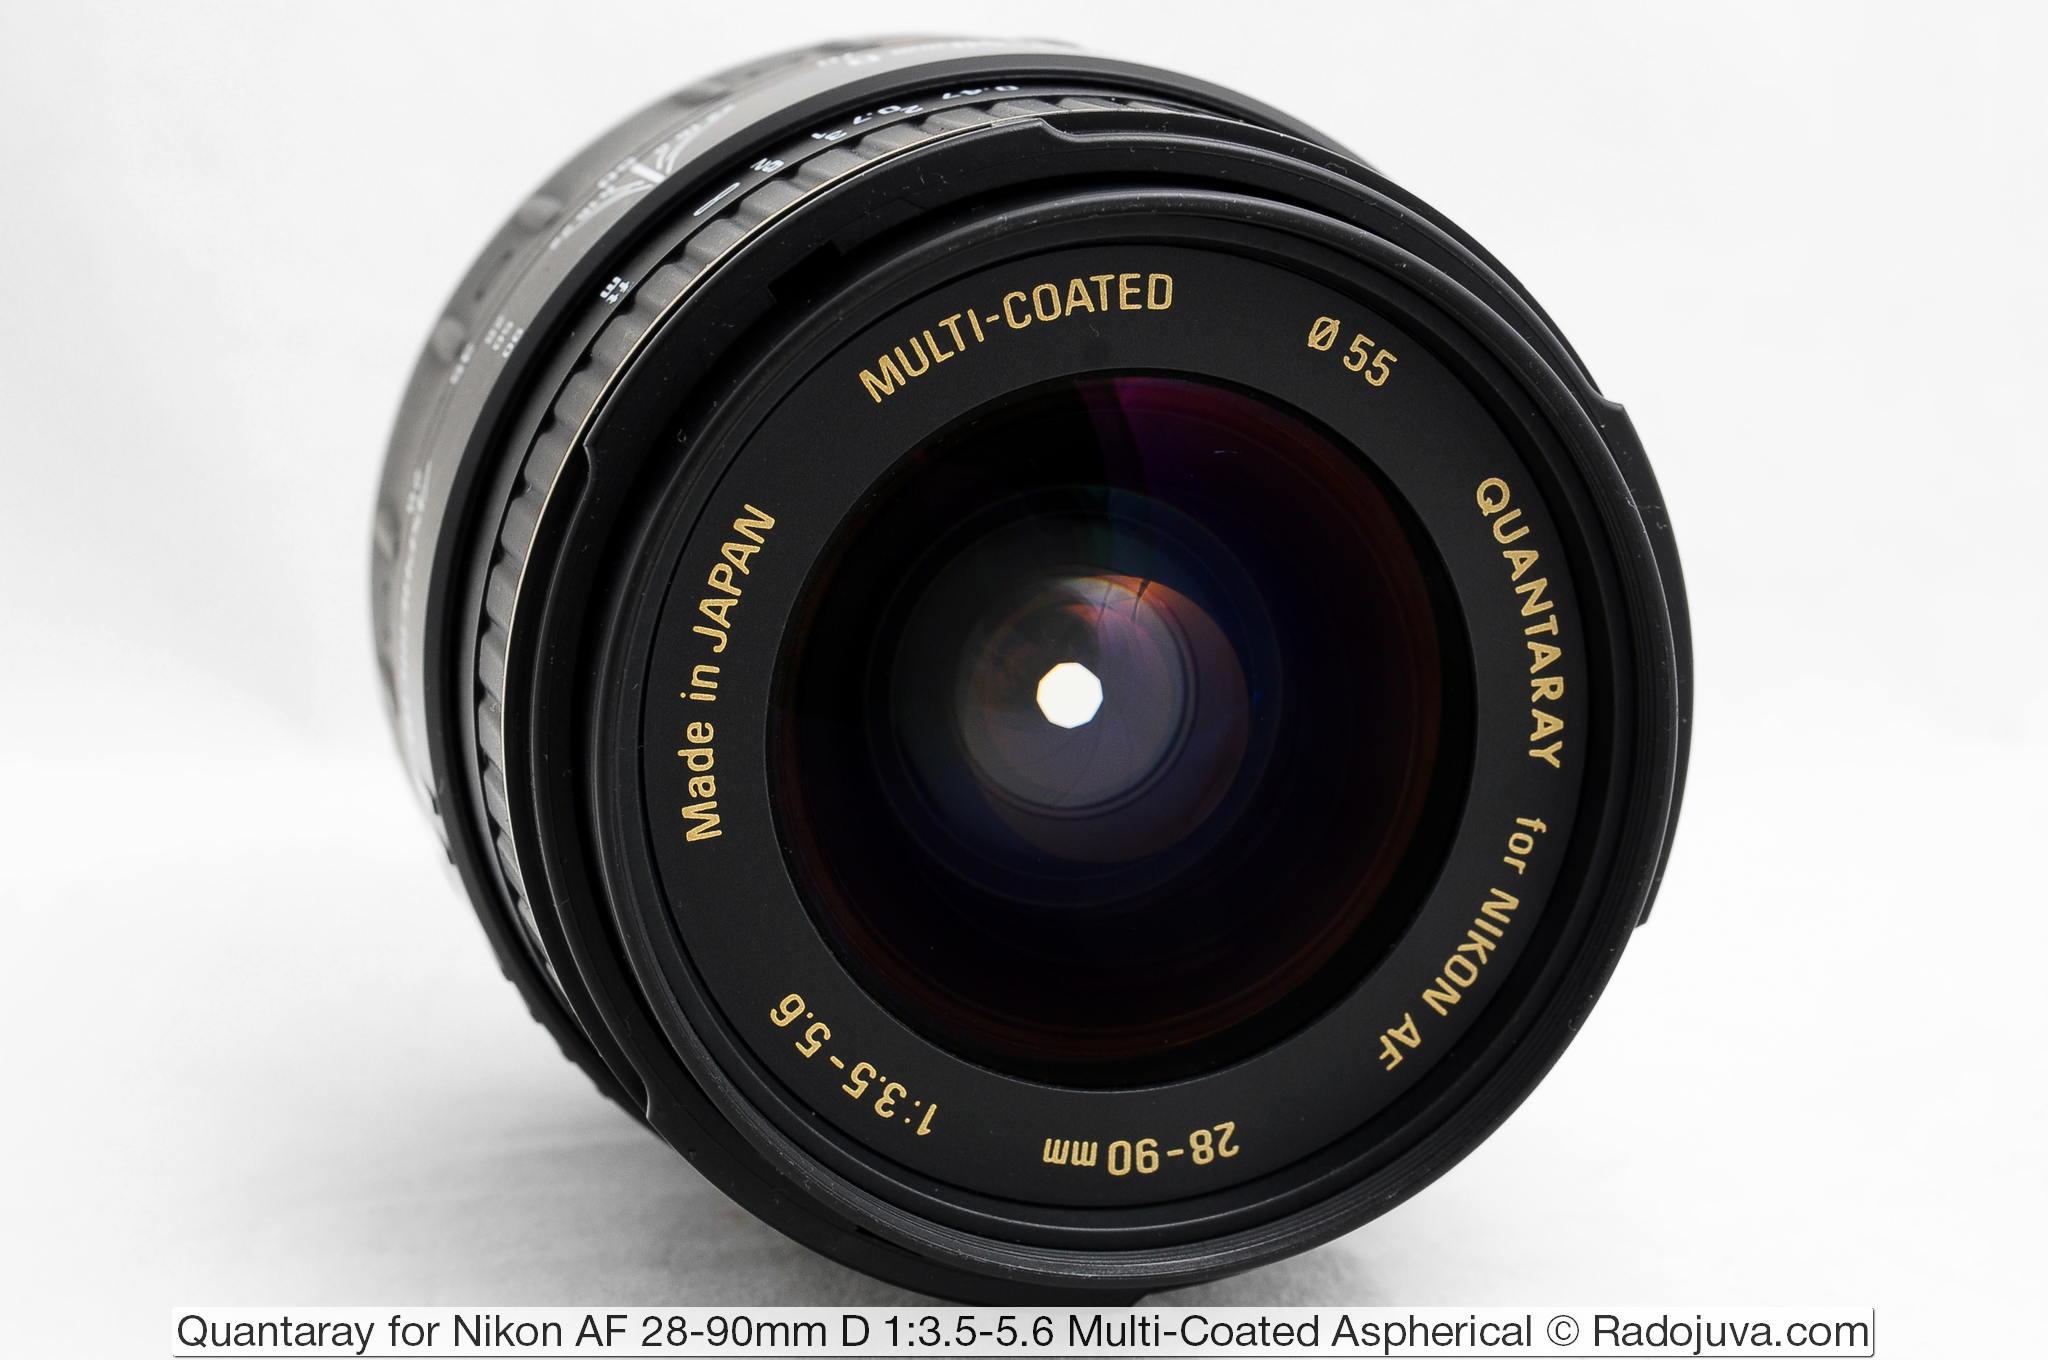 Quantaray for Nikon AF 28-90mm D 1:3.5-5.6 Multi-Coated Aspherical